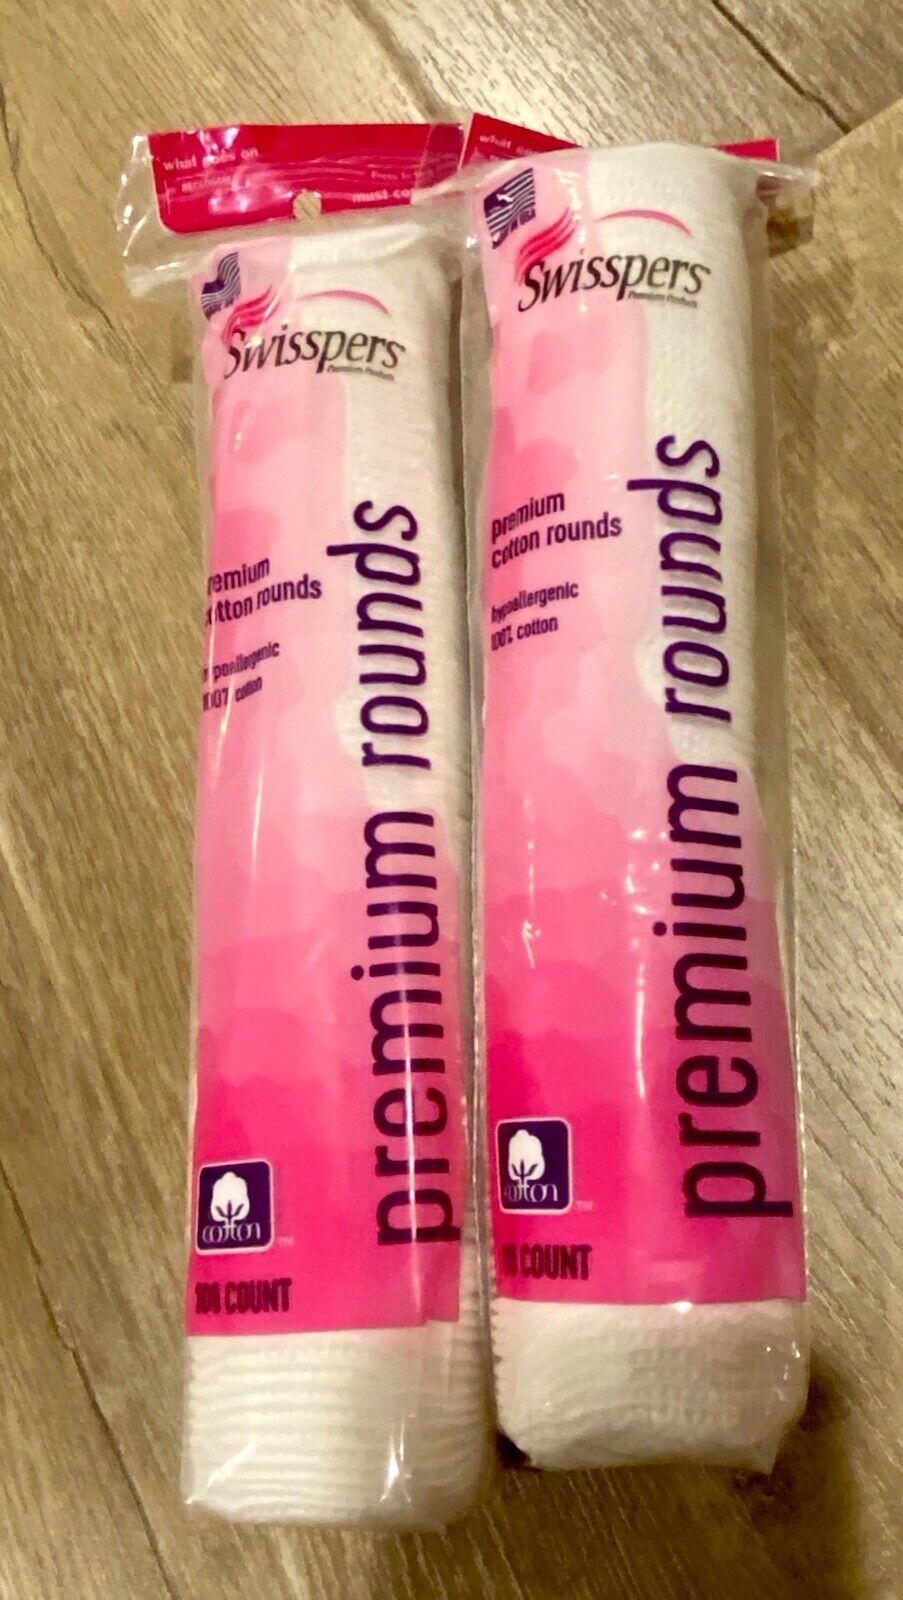 2-pack Swisspers Premium Hypoallergenic 100% Cotton Rounds 2